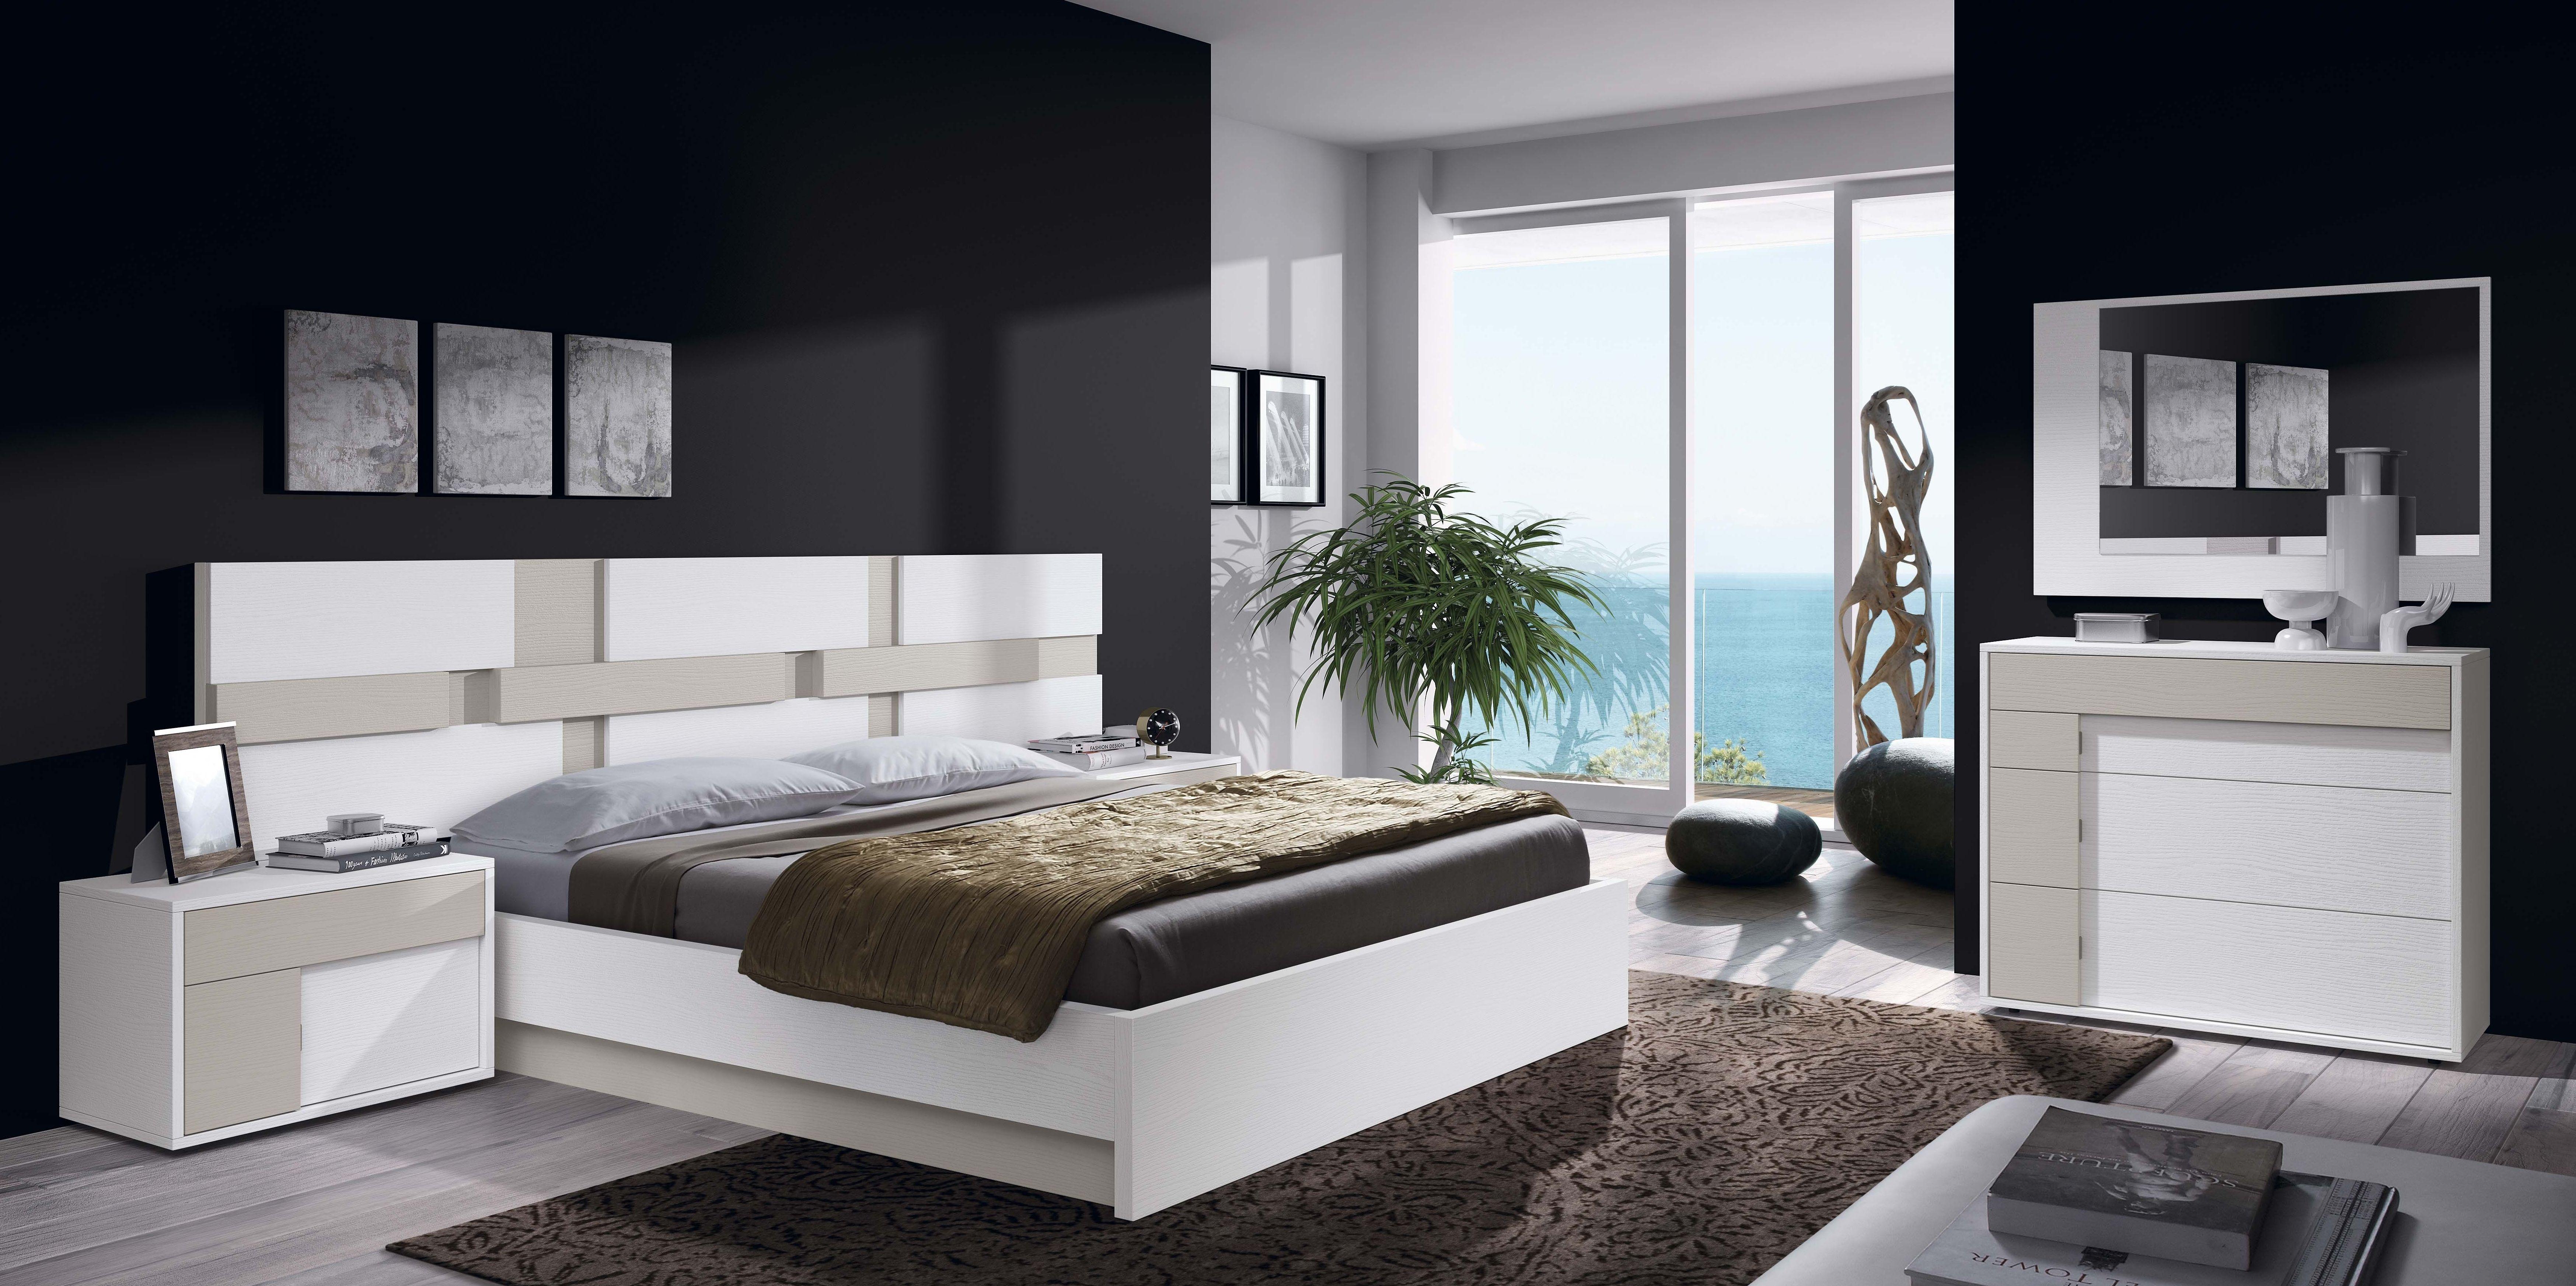 Dormitorios Modernos Getafe Mejores Ideas Para El Dise O Del  # Muebles Saenz De Santamar?a